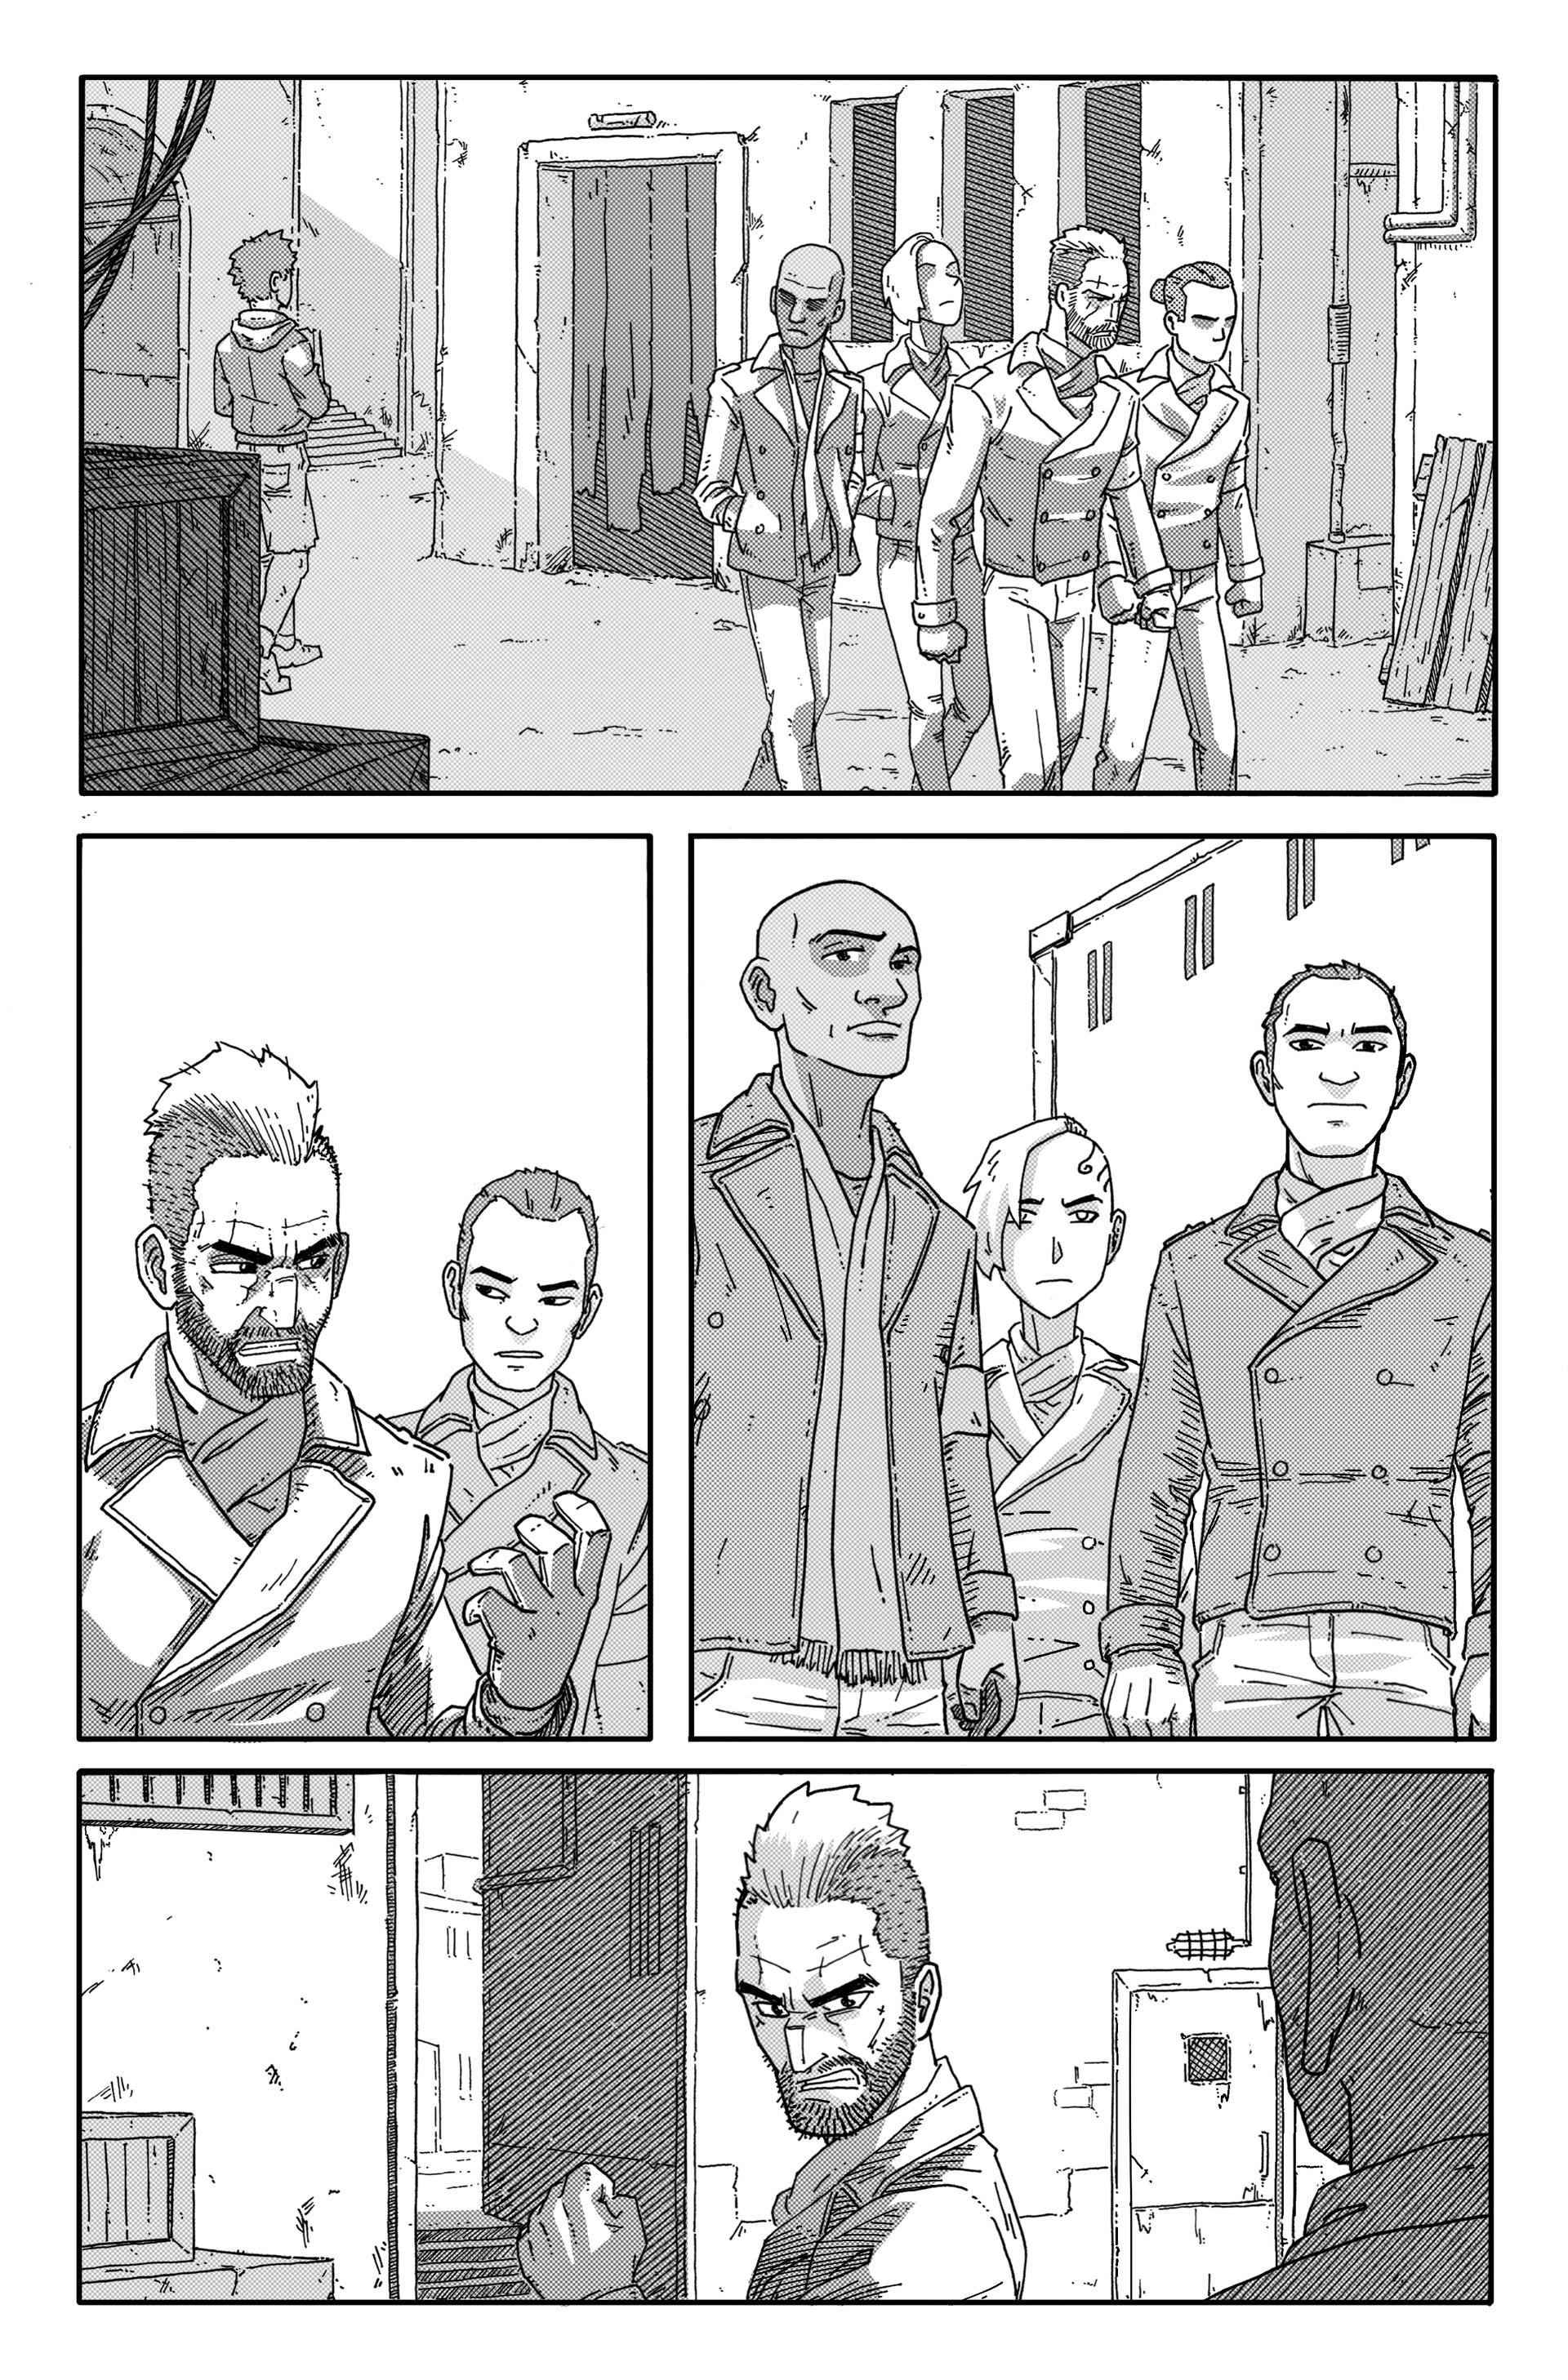 Andrew sebastian kwan pg 4